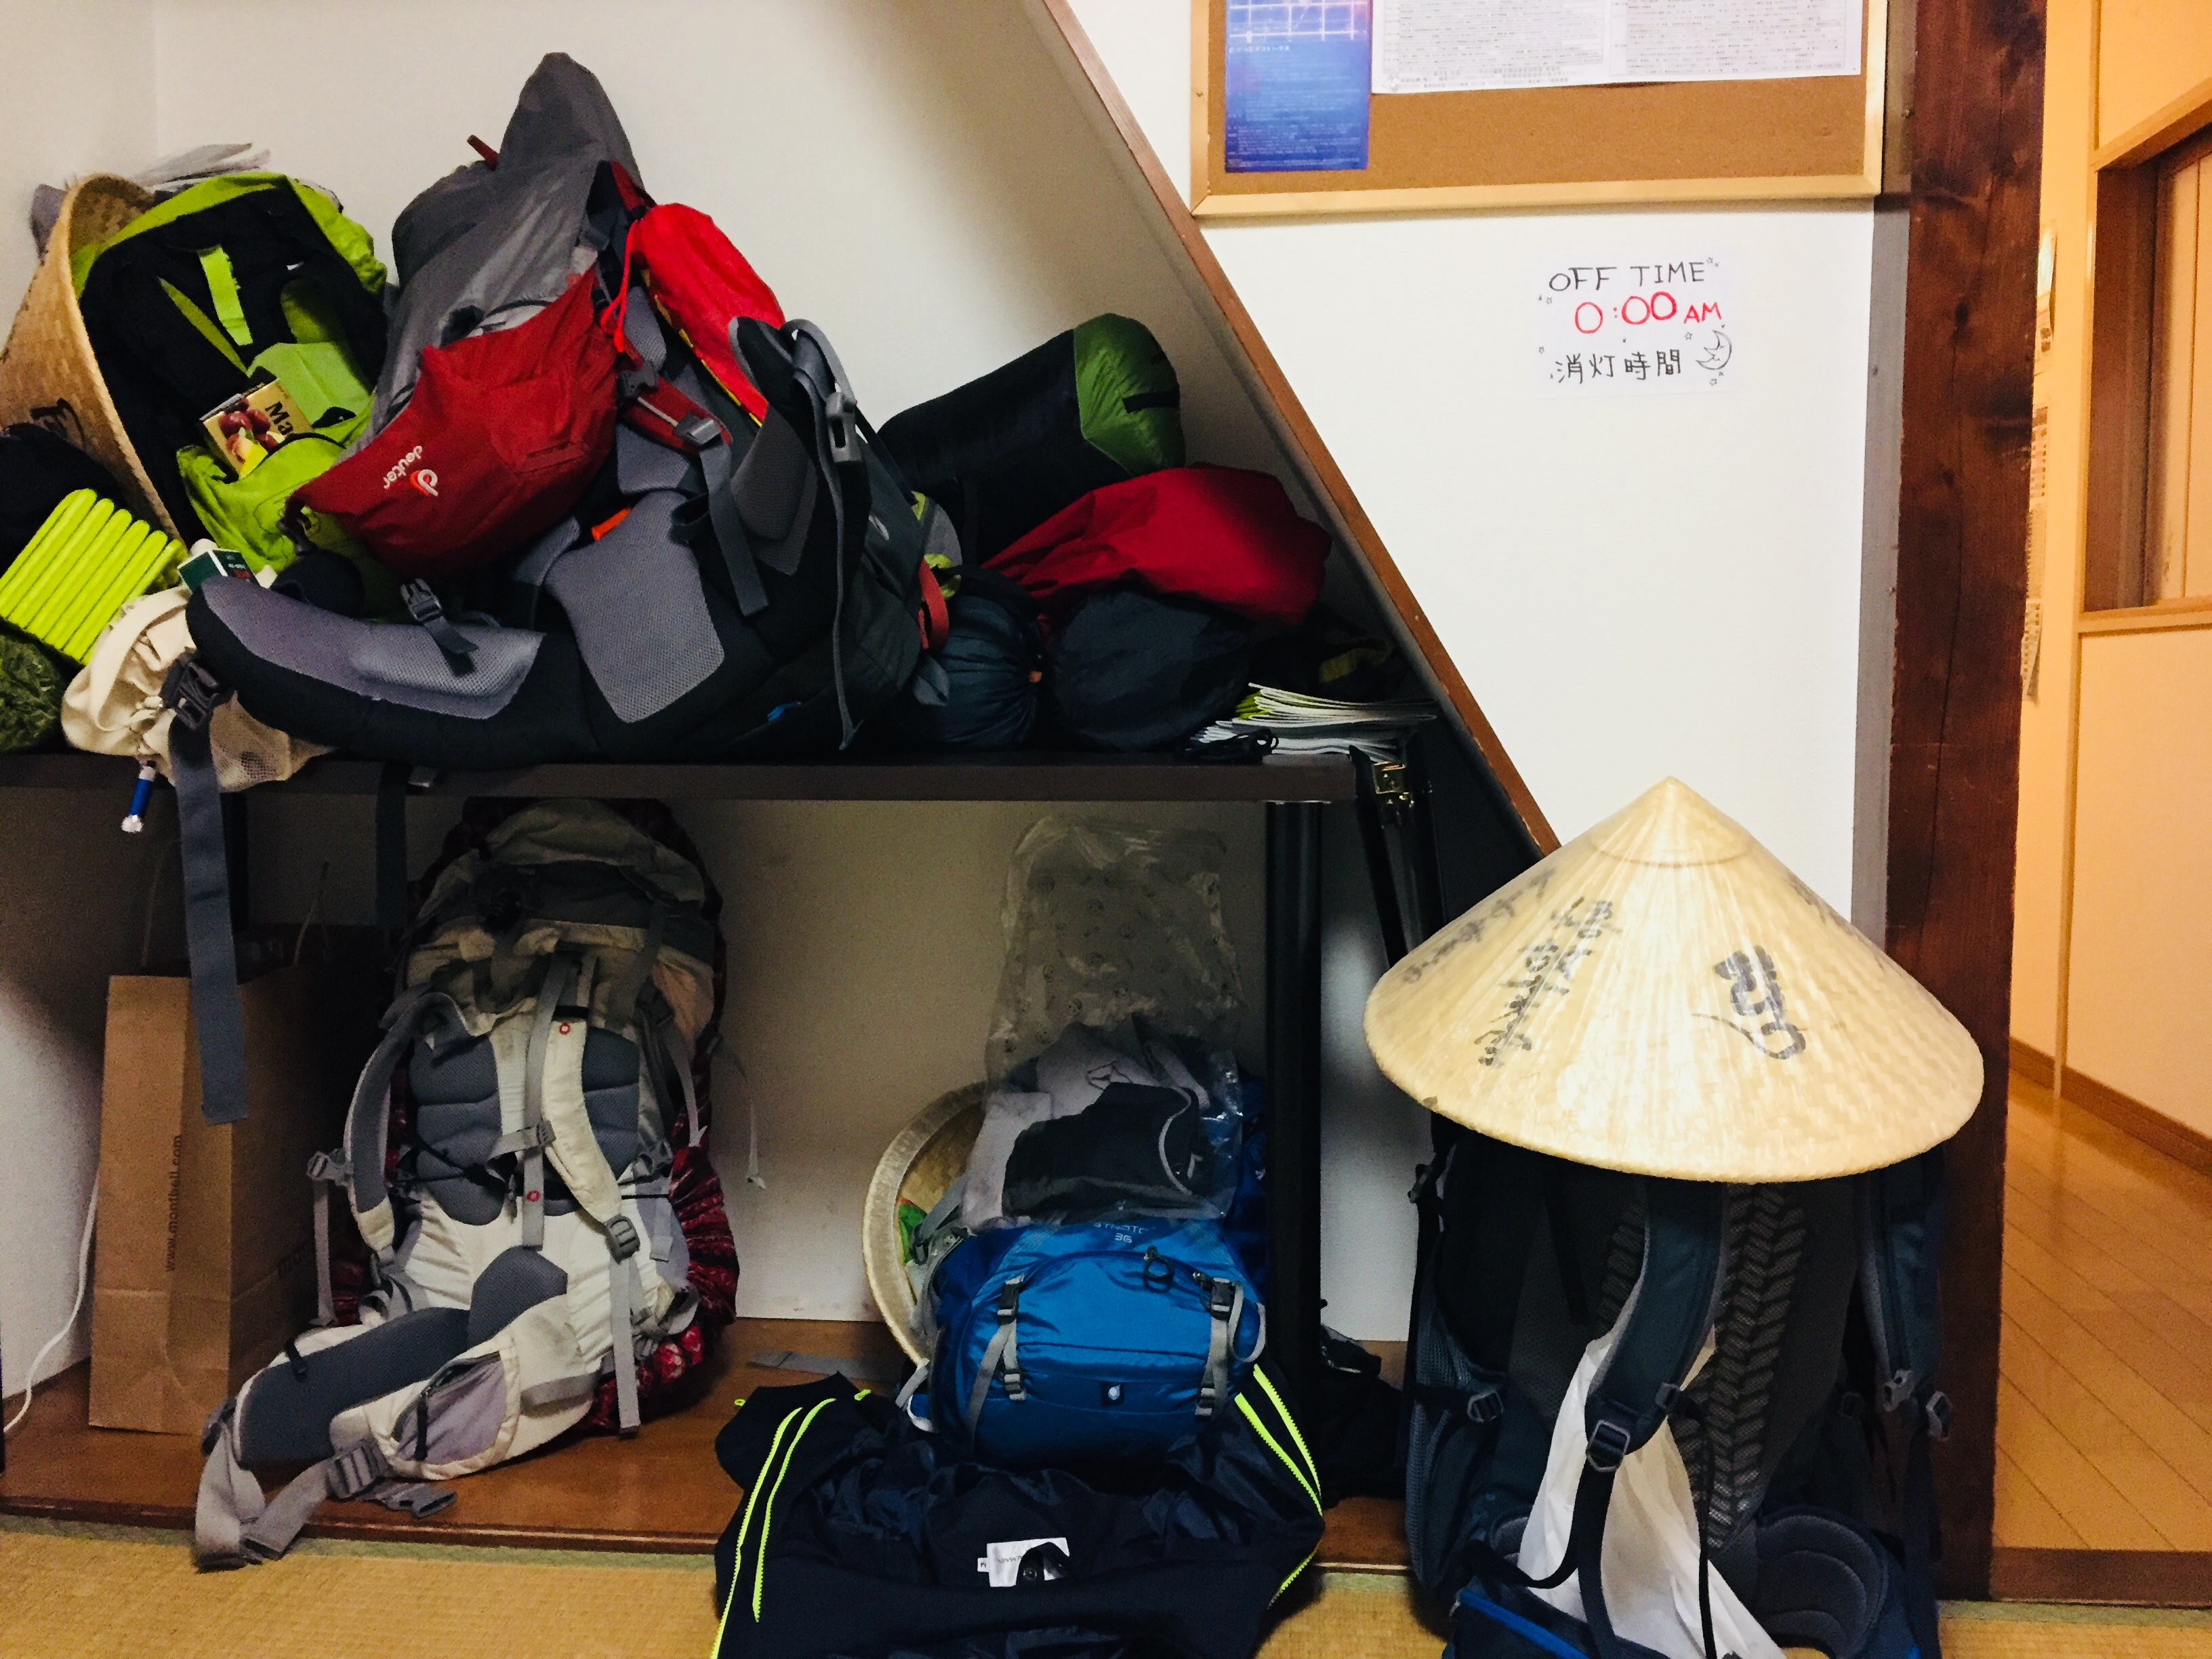 【日本プチ縦断 in 高知】ヒッチハイクで高知へ。ゲストハウスは外国人のお遍路さんだらけ。